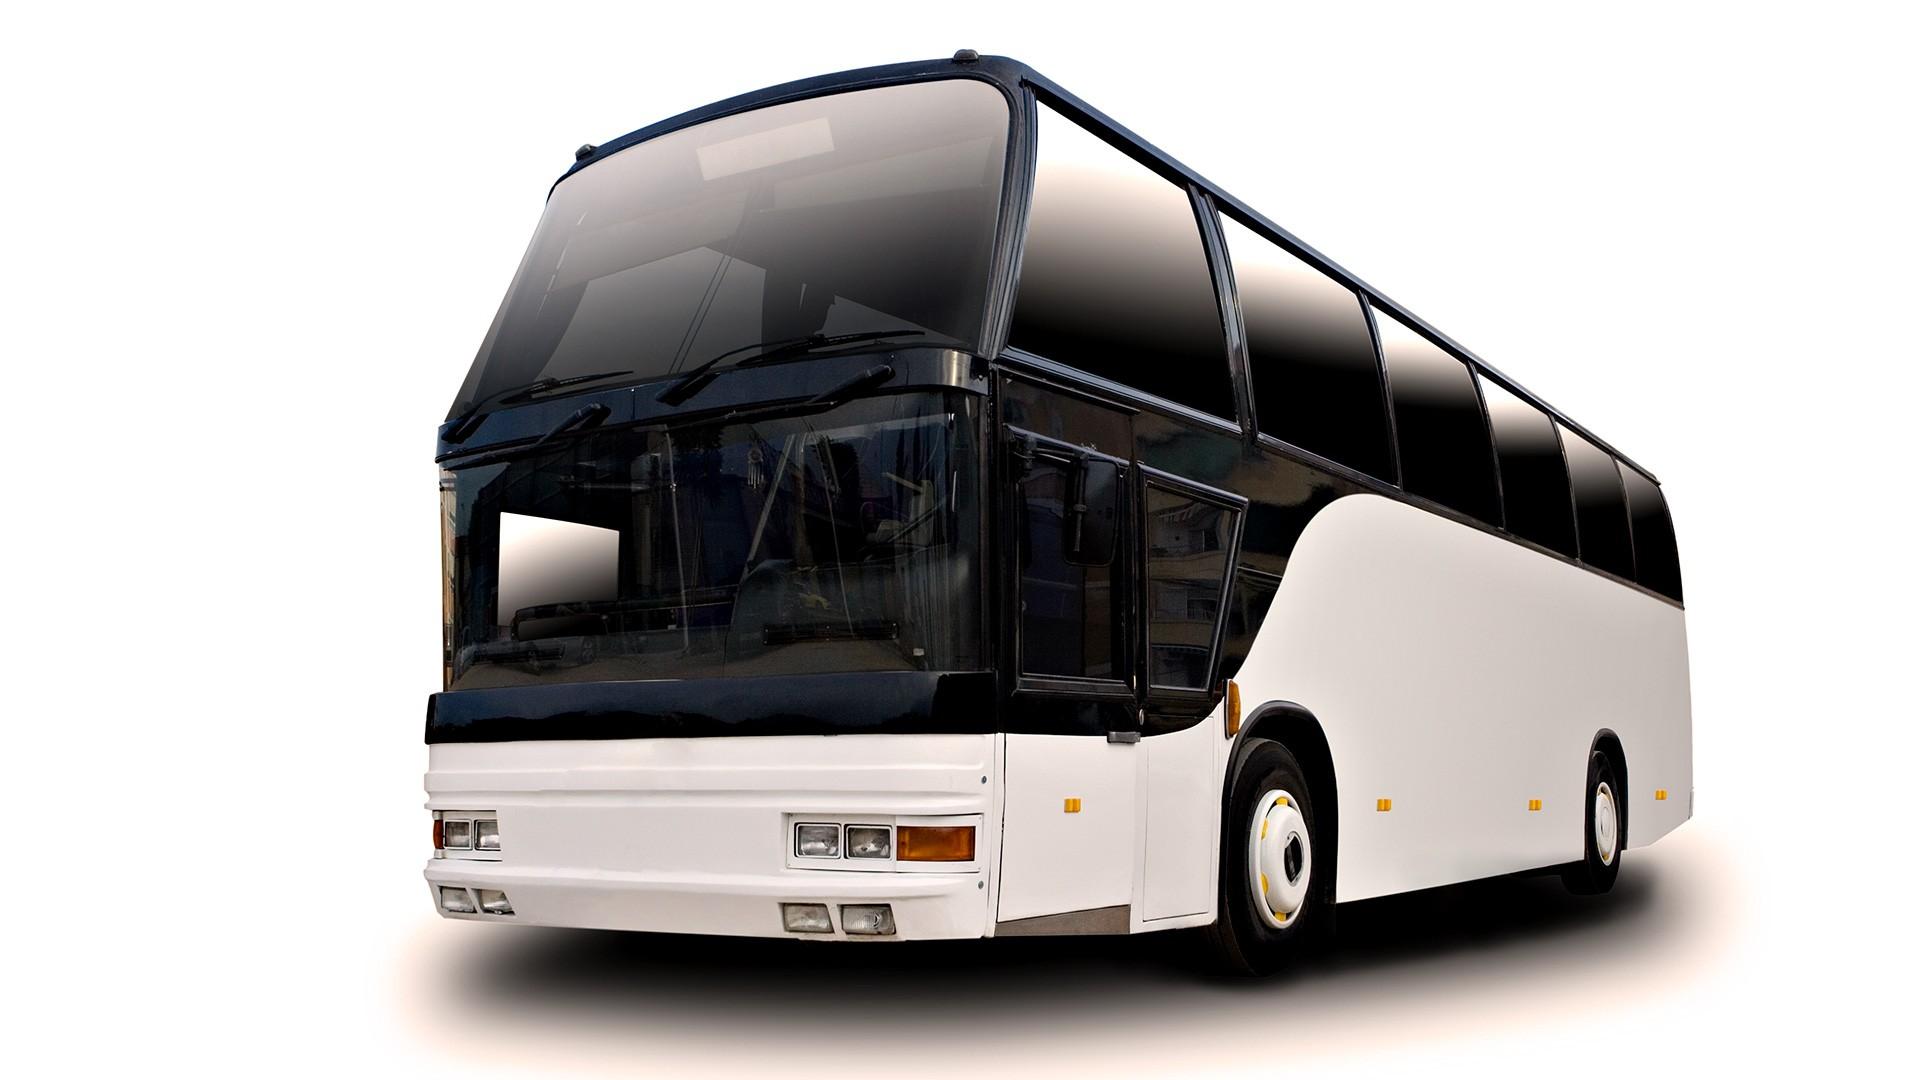 Daewoo Bus HD Wallpaper